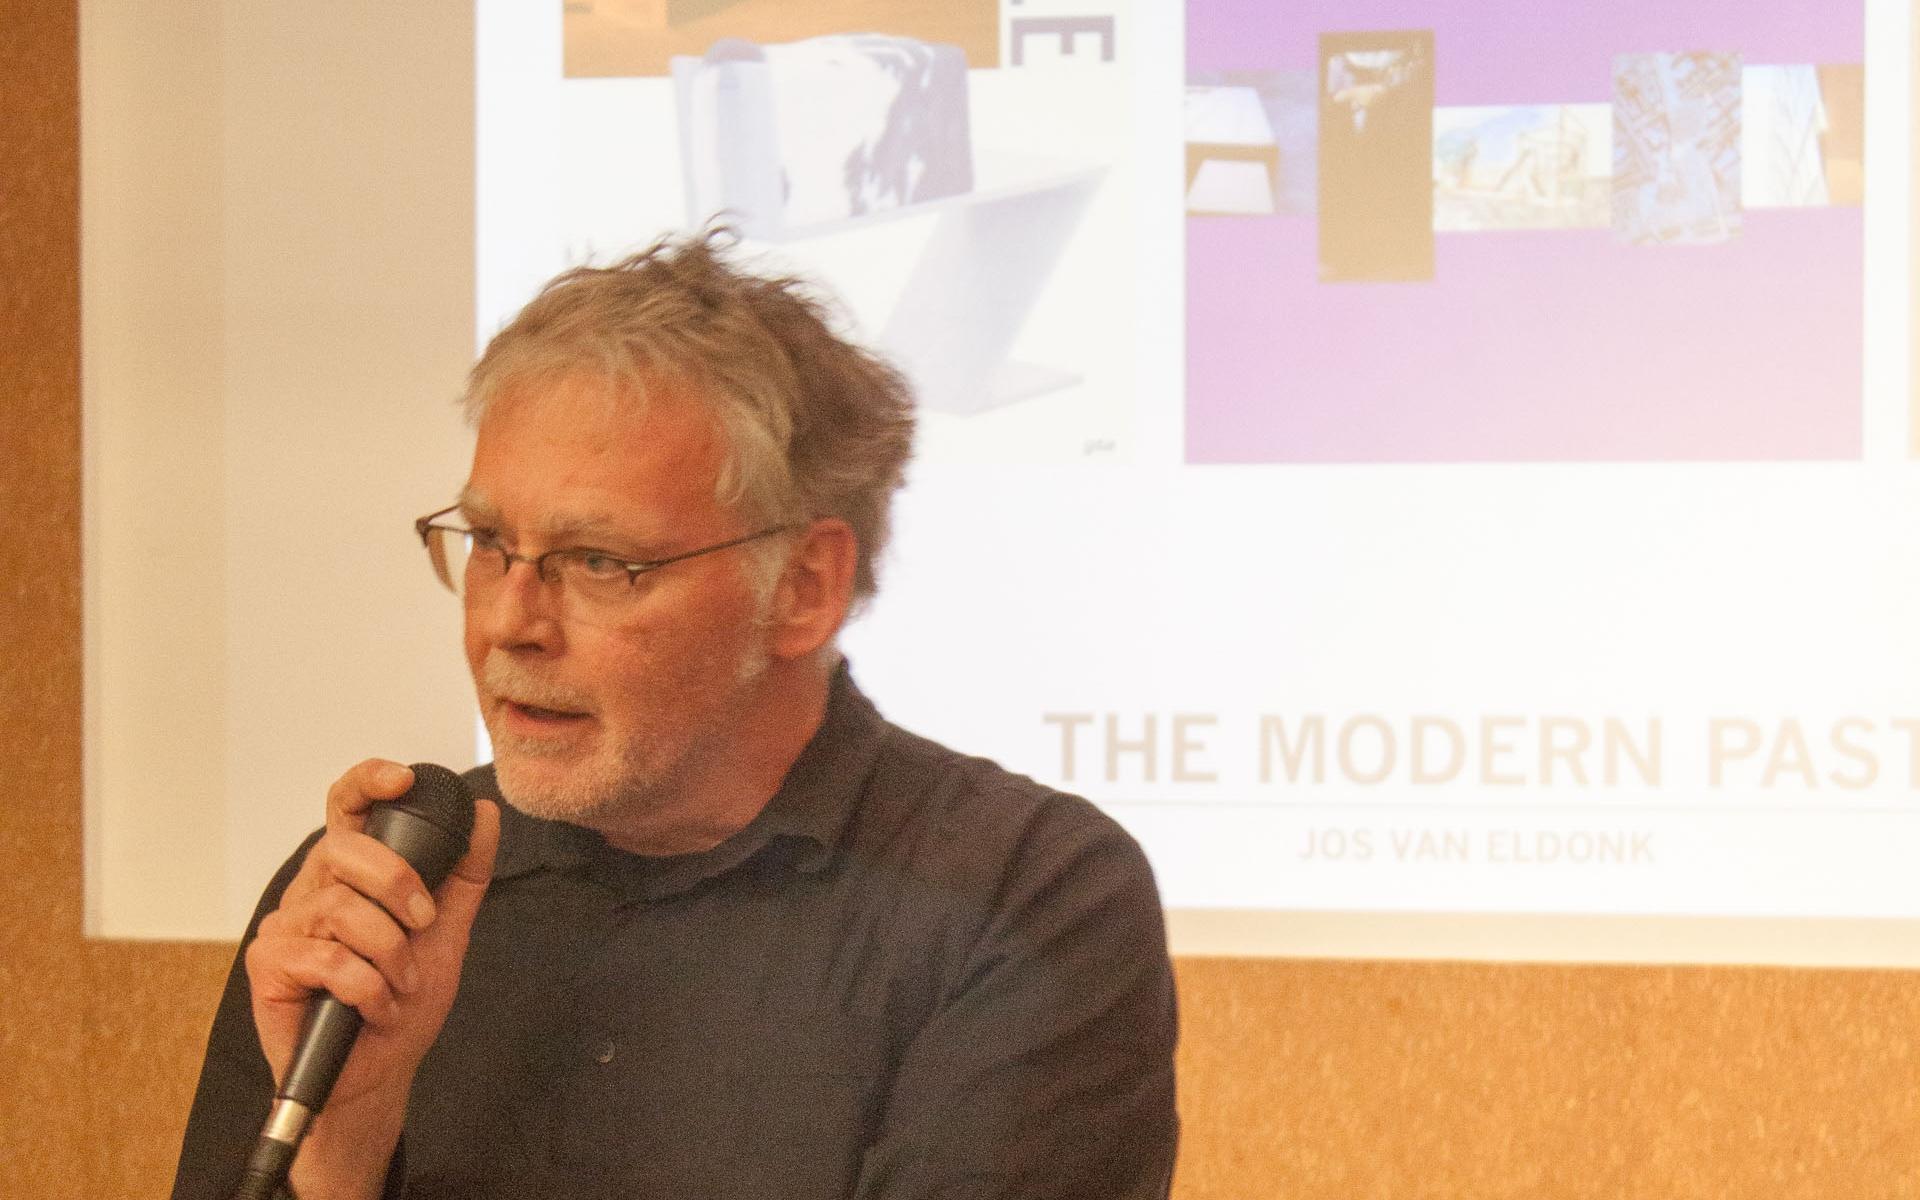 The (De)construction of the Eindhoven School - lectures by Chris van Langen and Jos van eldonk